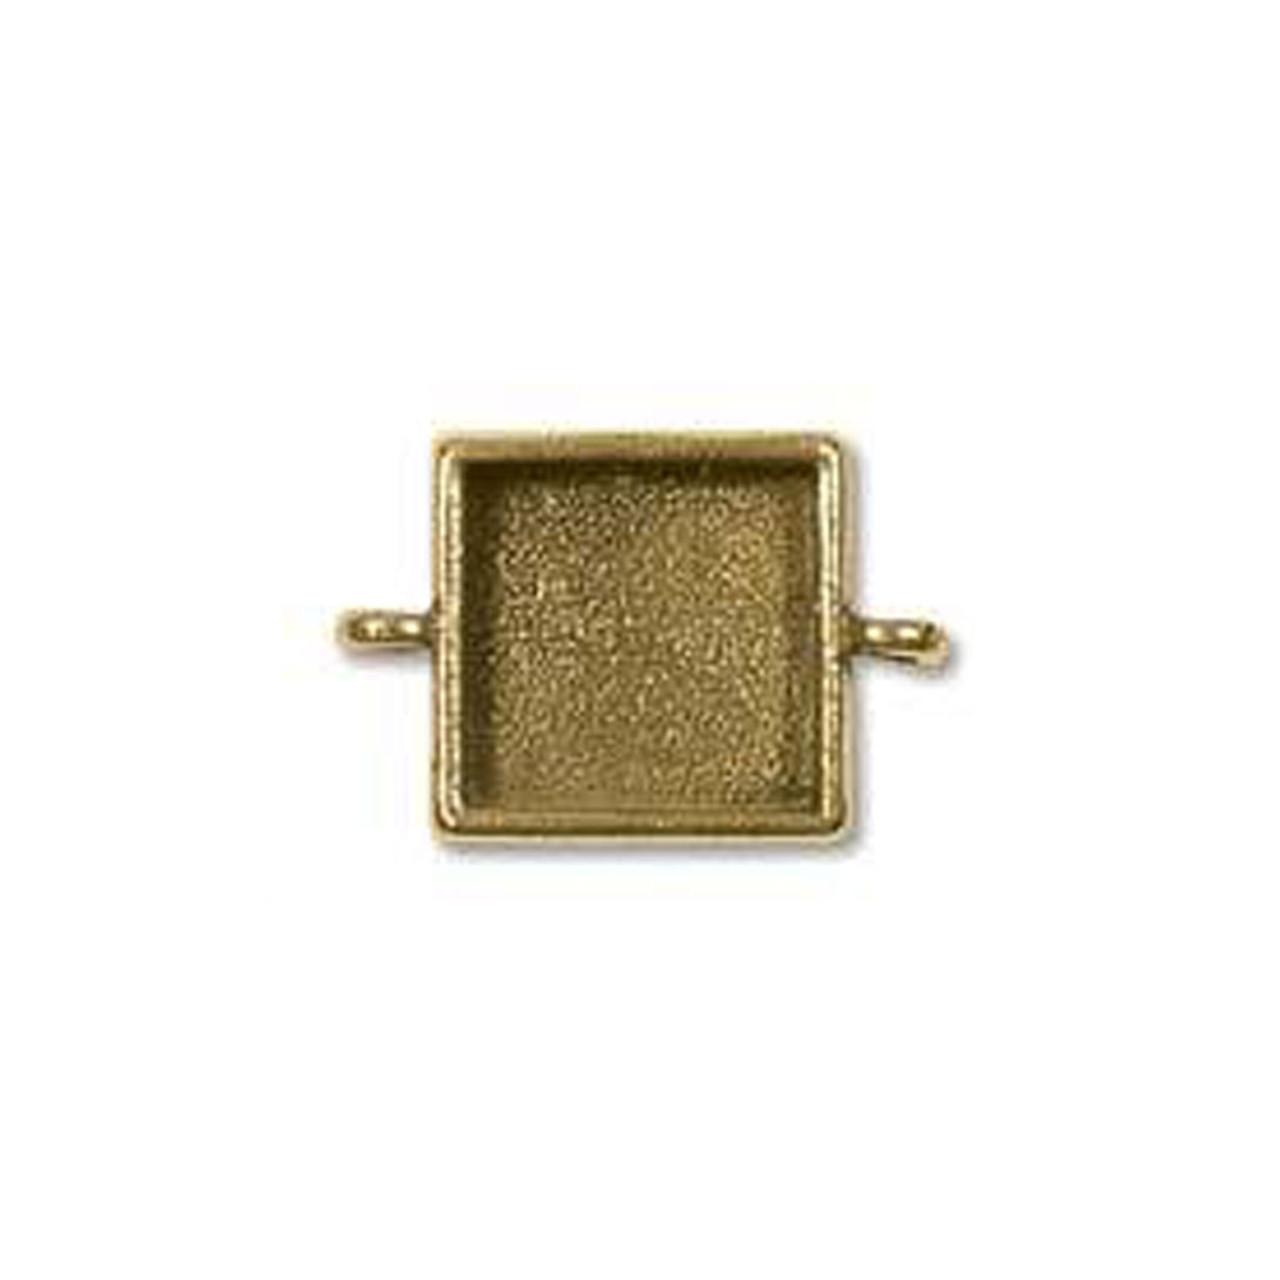 Square Link Bezel - Antique Gold - 18mm